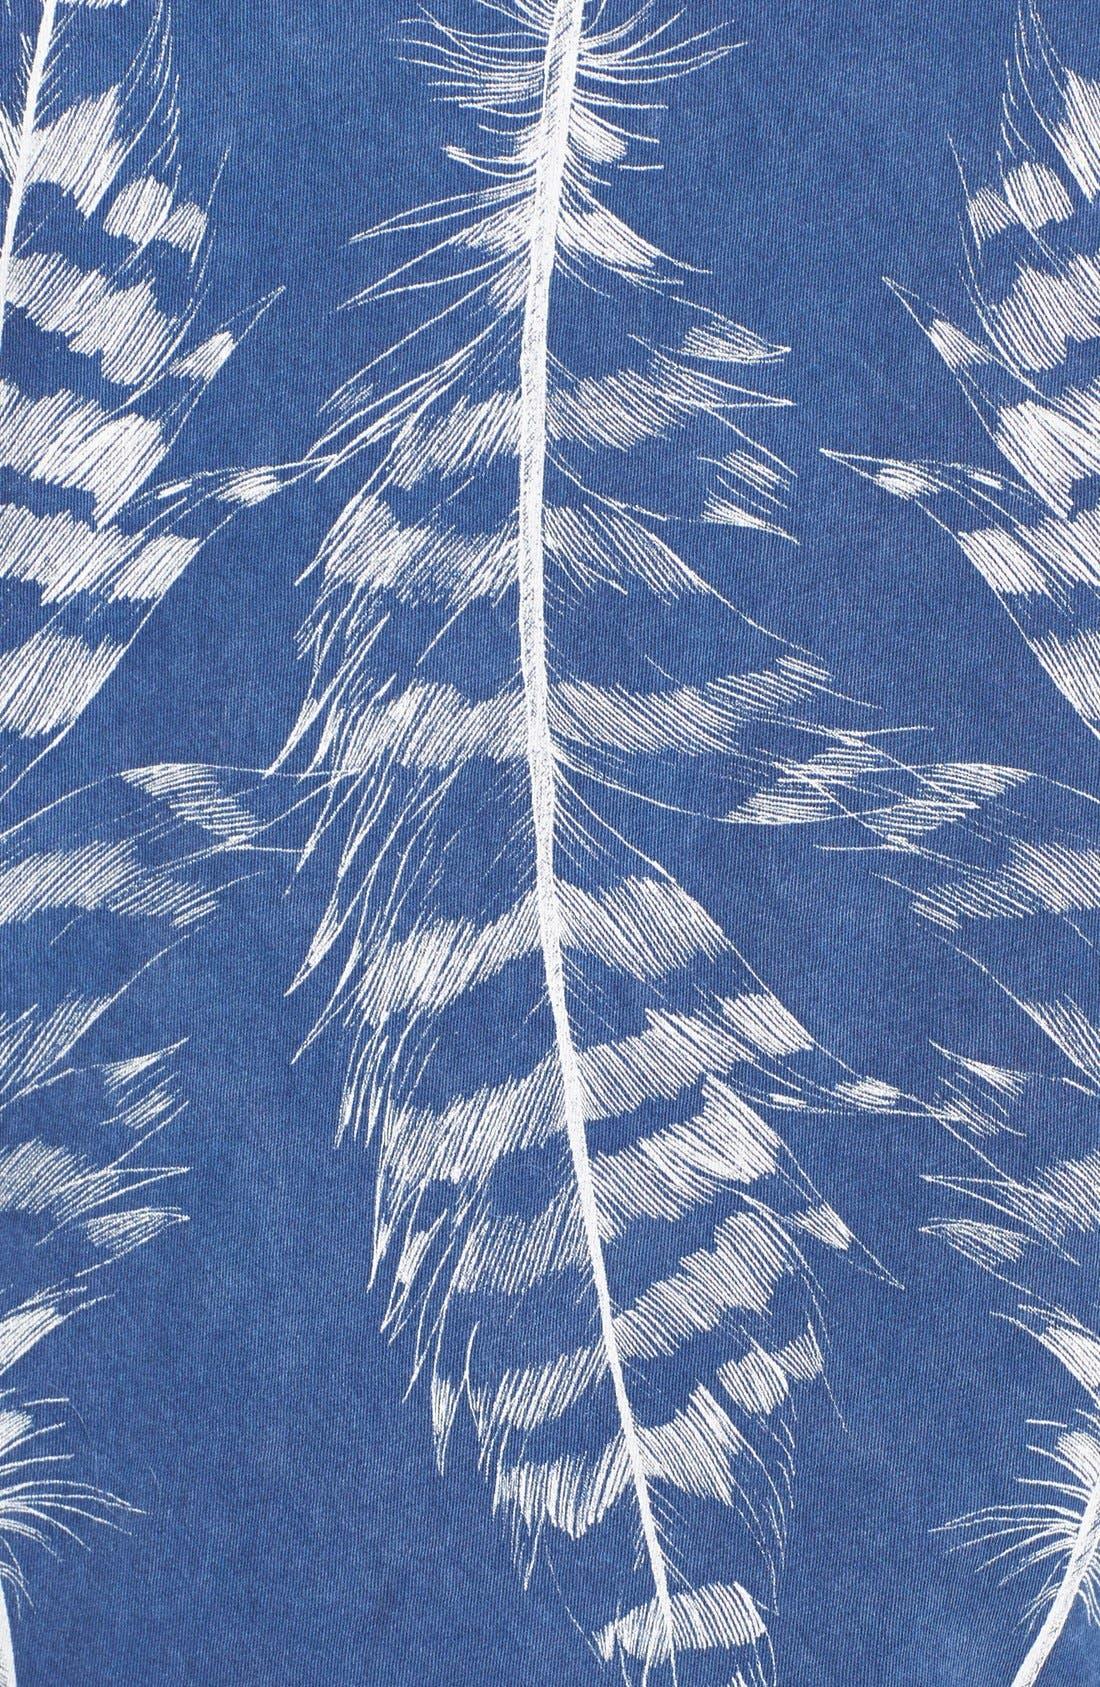 Alternate Image 3  - Idlewild 'Feathers' Tee